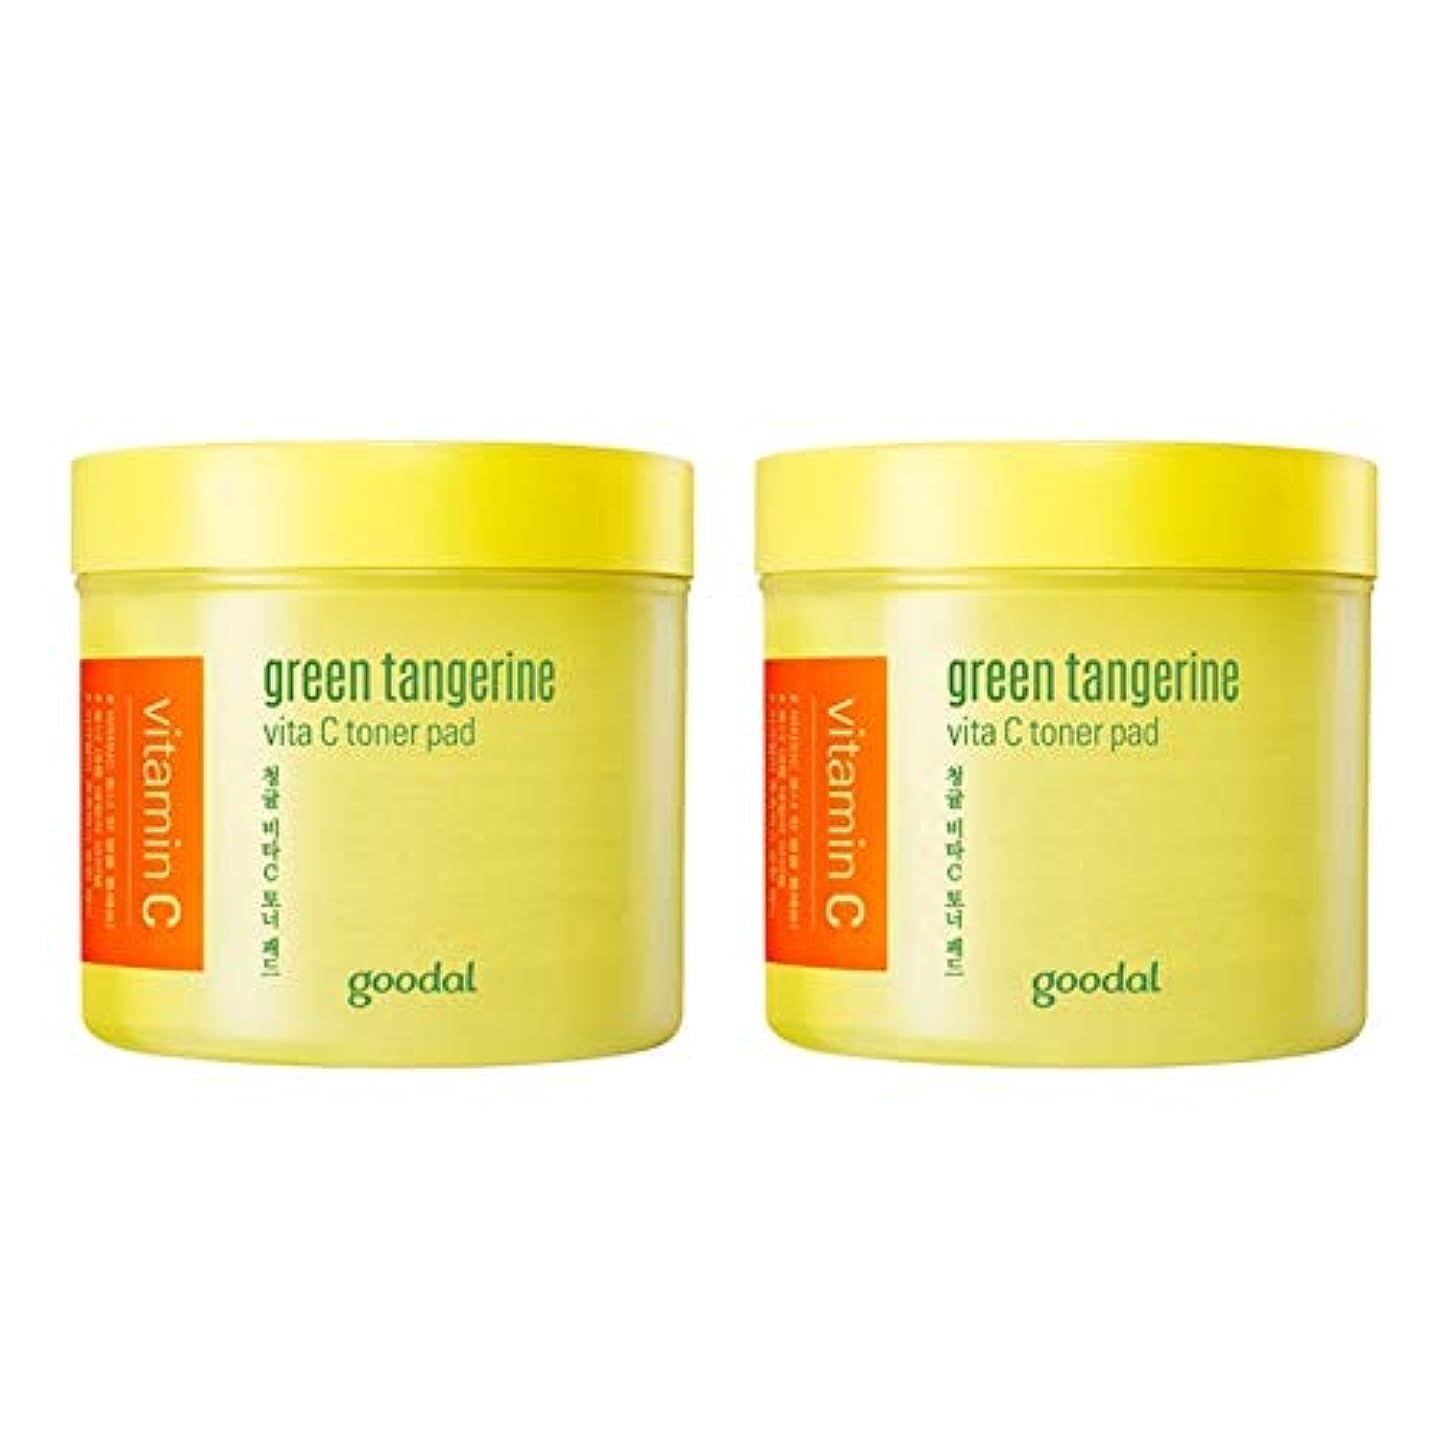 ミント満足手術グドール青みかんヴィータCトナーパッド70px2本セット質除去、水分供給 韓国コスメ 、Goodal Green Tangerine Vita C Toner Pad 70p x 2ea Set Korean Cosmetics...